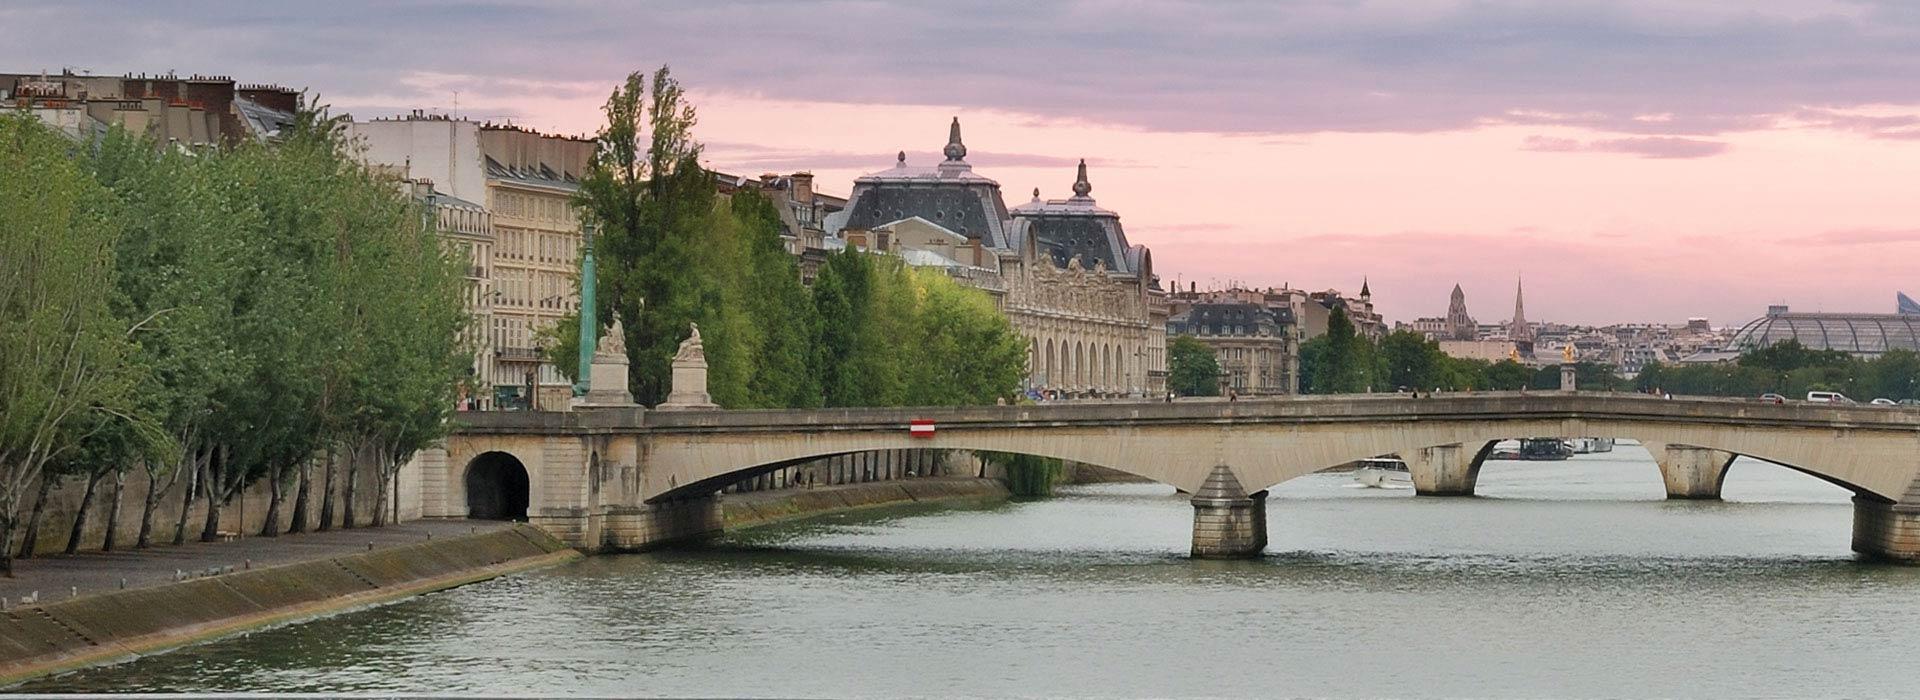 Agence matrimoniale Haut de gamme Paris